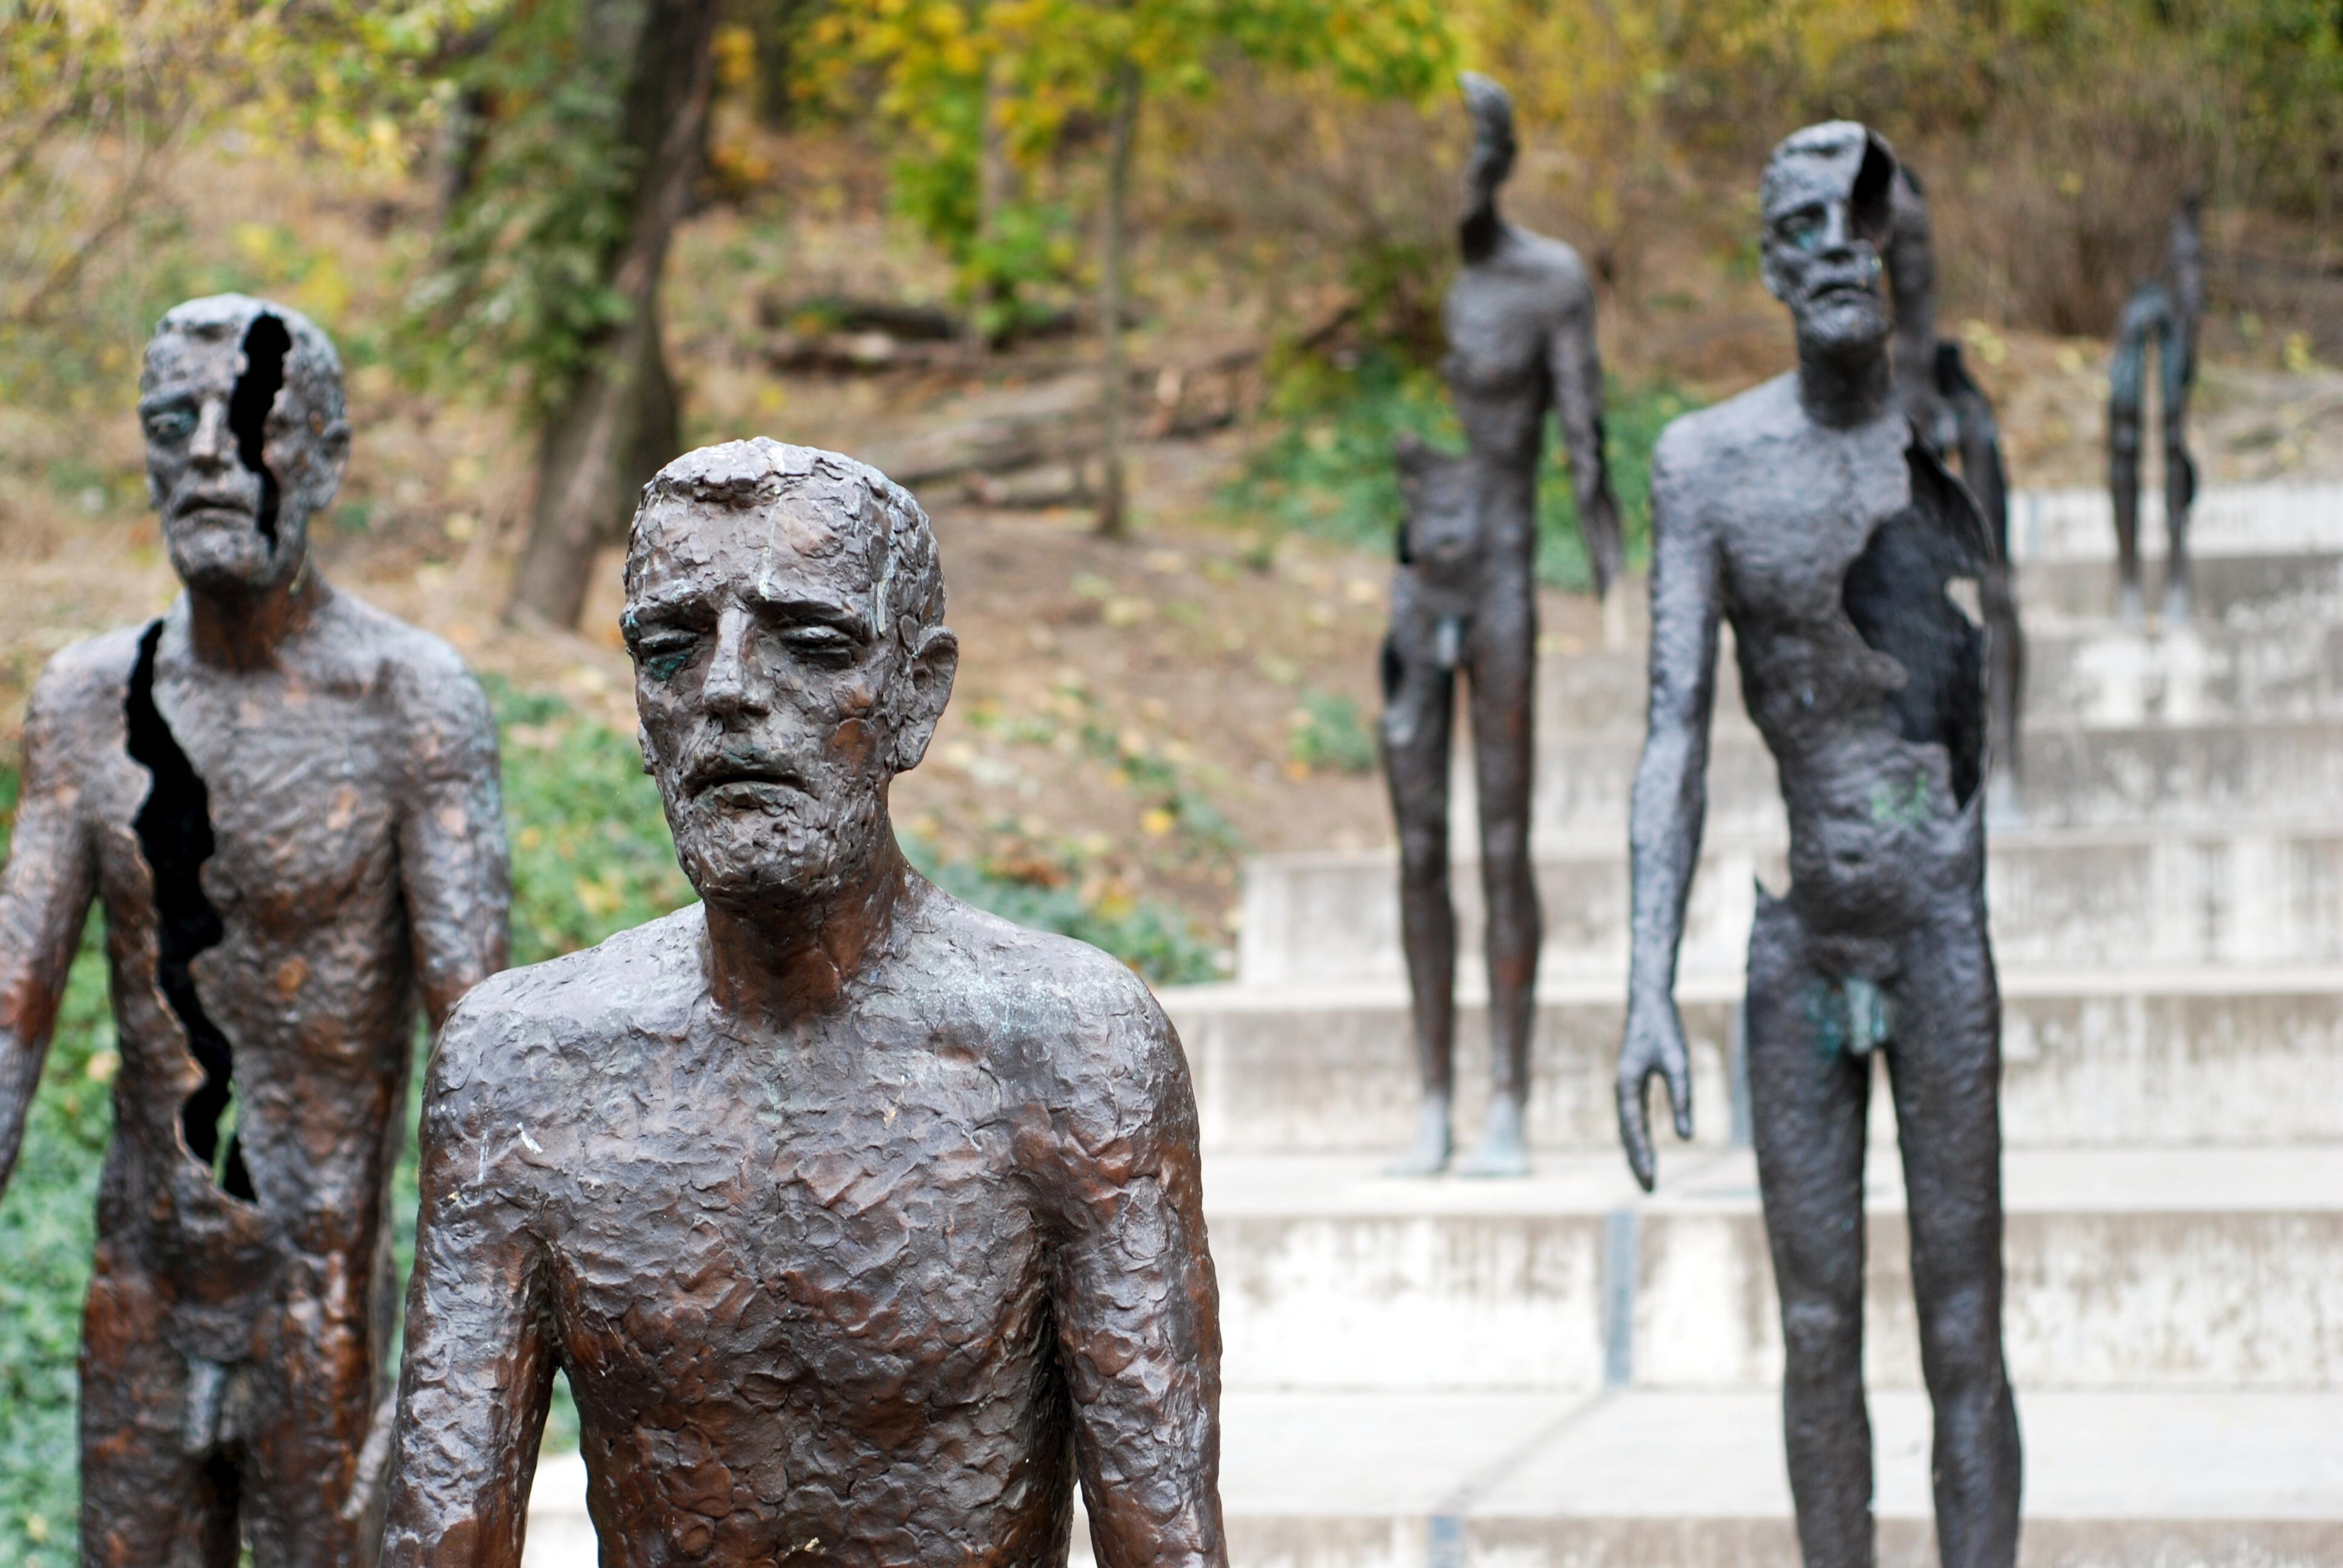 Aprende de la historia reciente en el Museo del Comunismo - Hungría Circuito Budapest y Praga